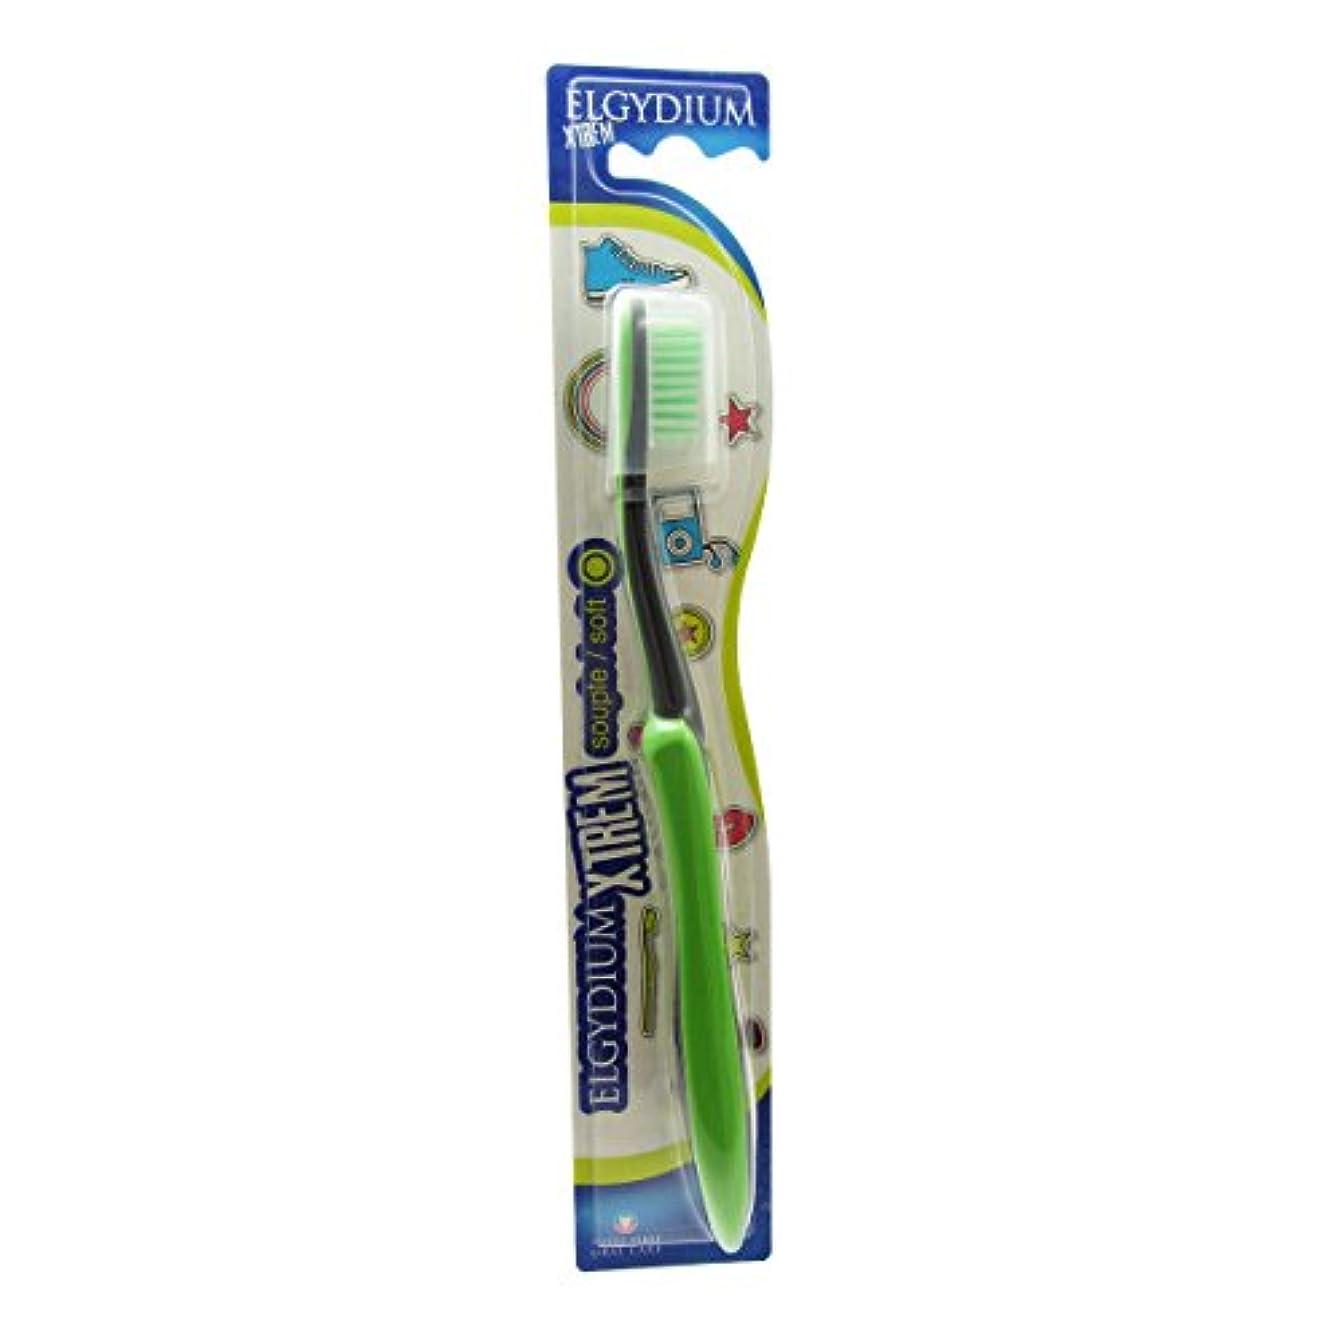 雄大な道徳教育複製Elgydium Xtrem Toothbrush Soft Hardness [並行輸入品]